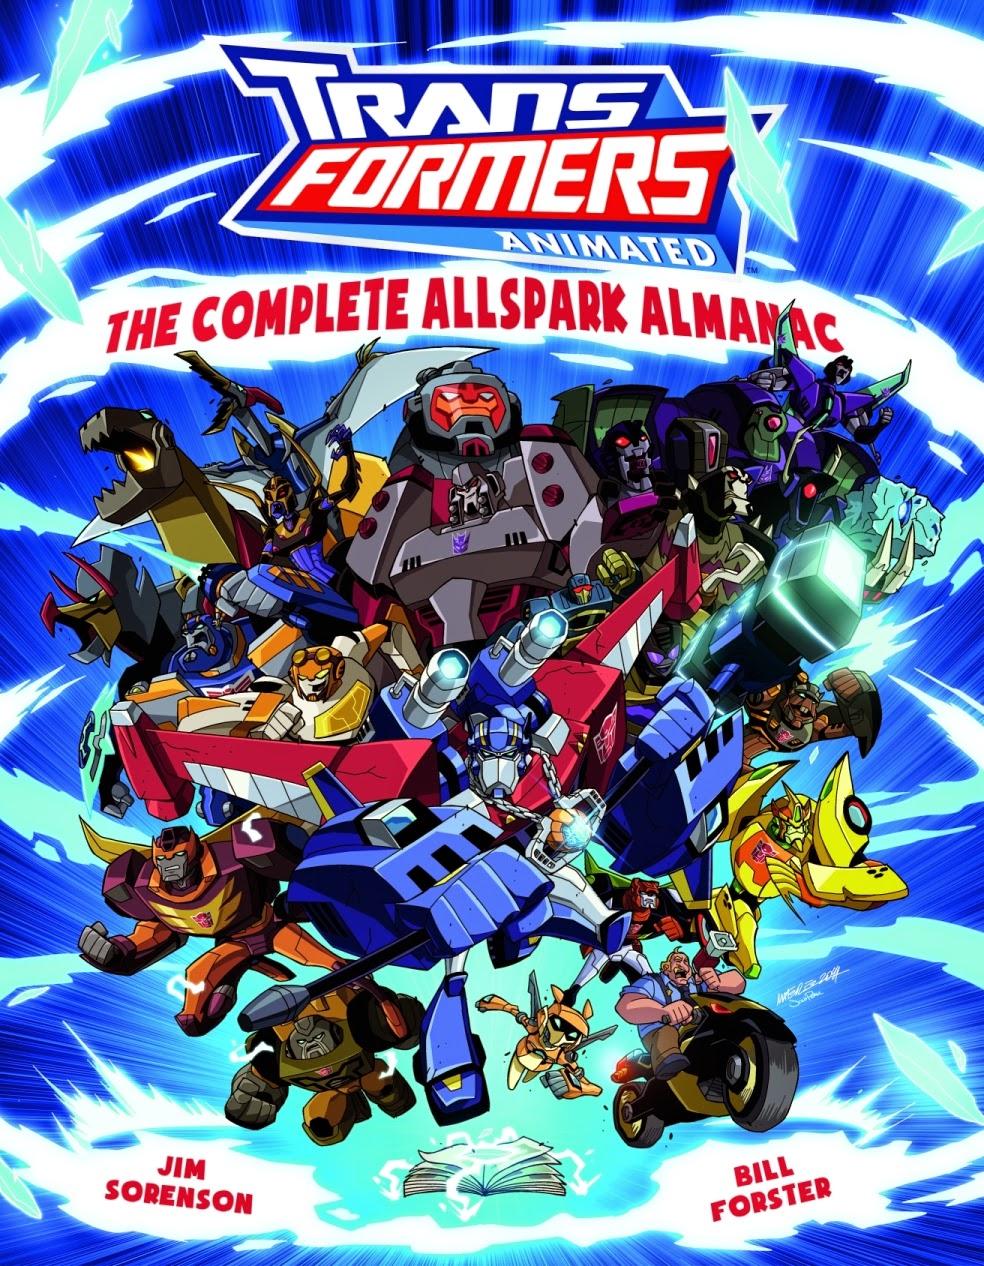 Complete-AllSpark-Almanac-01